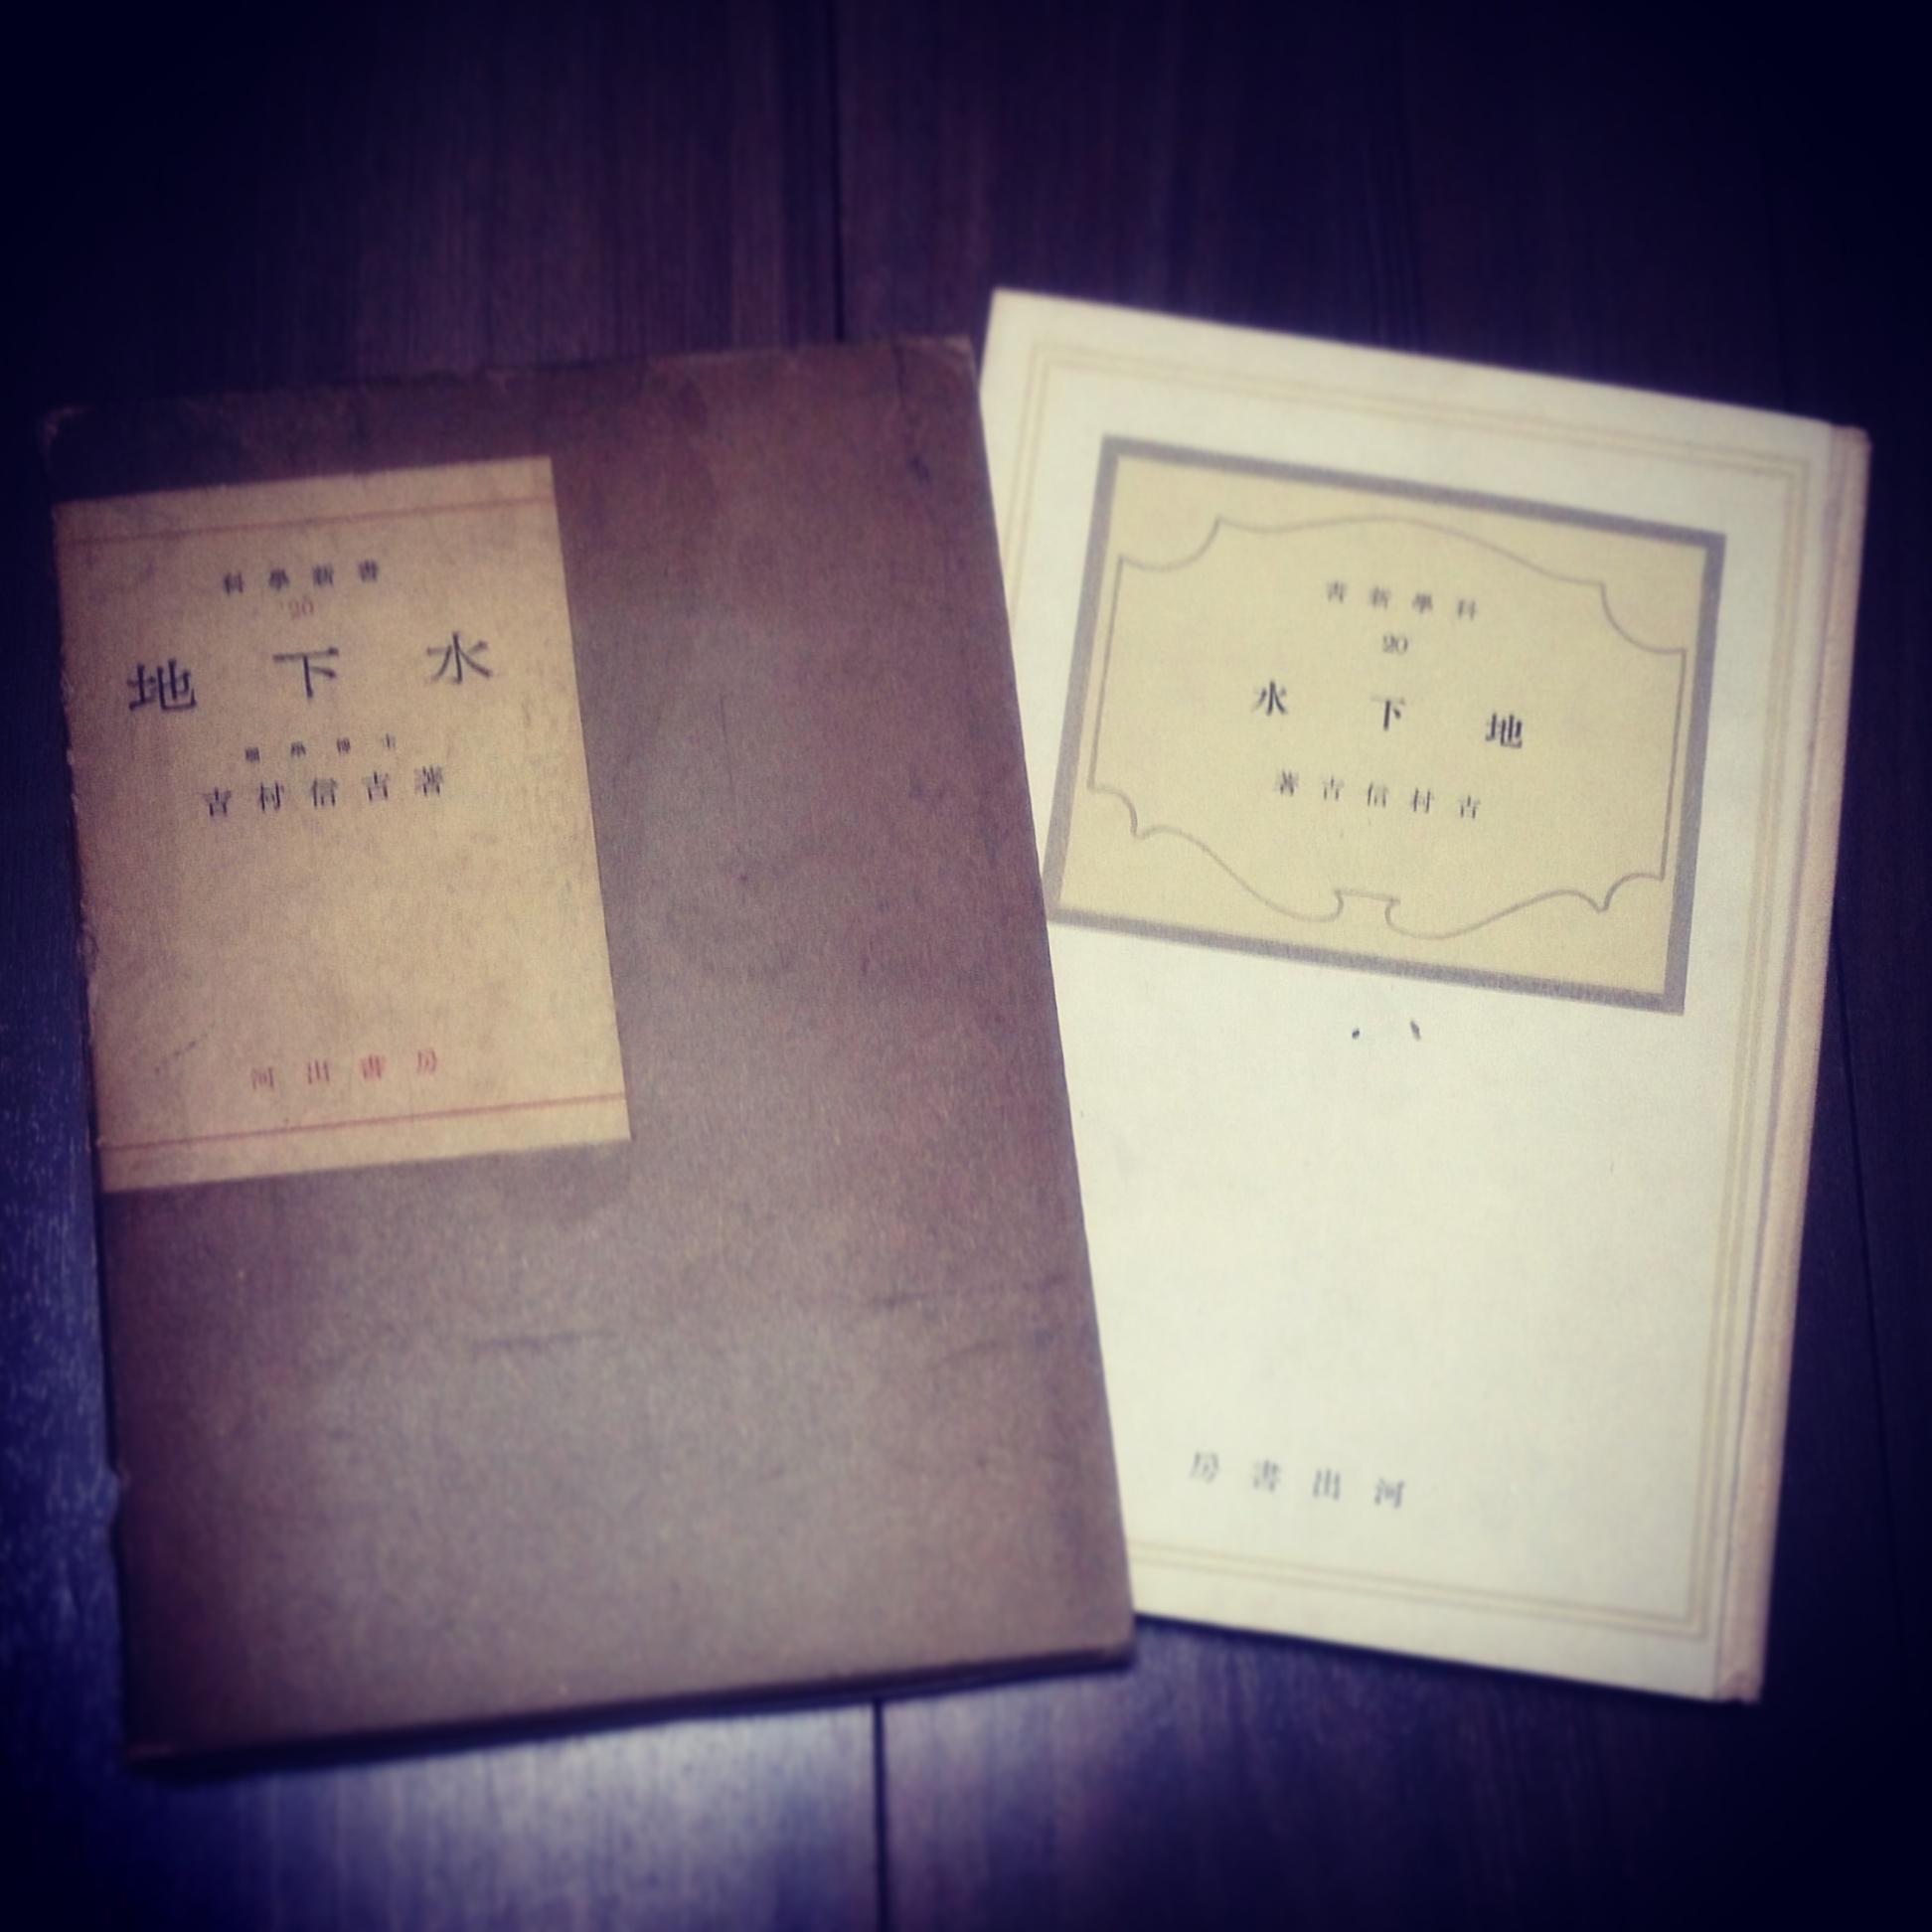 【お知らせ】月刊誌「東京人」に寄稿しました。_c0163001_2312486.jpg